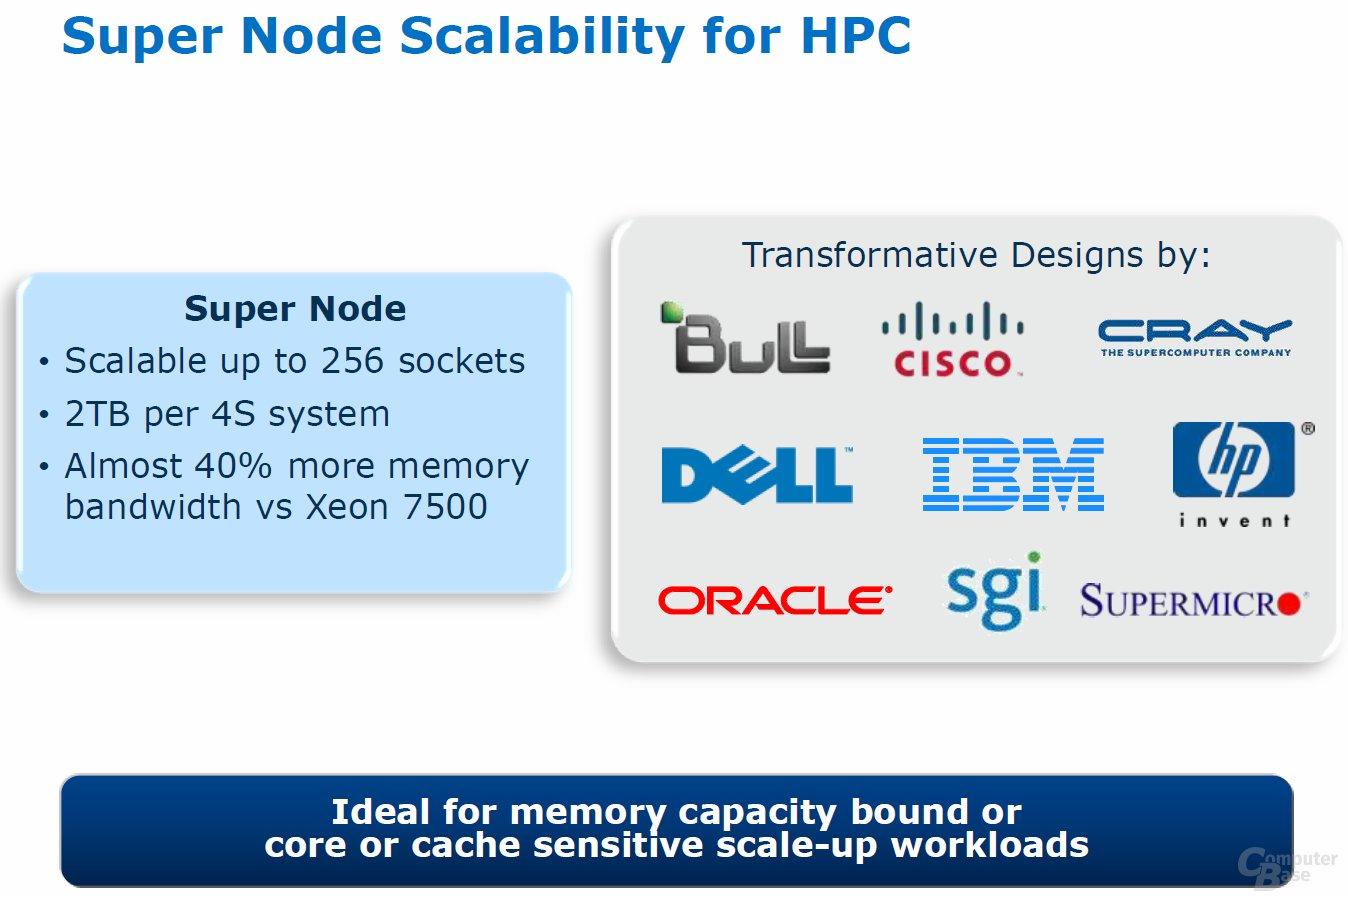 Systeme mit 256 Prozessoren